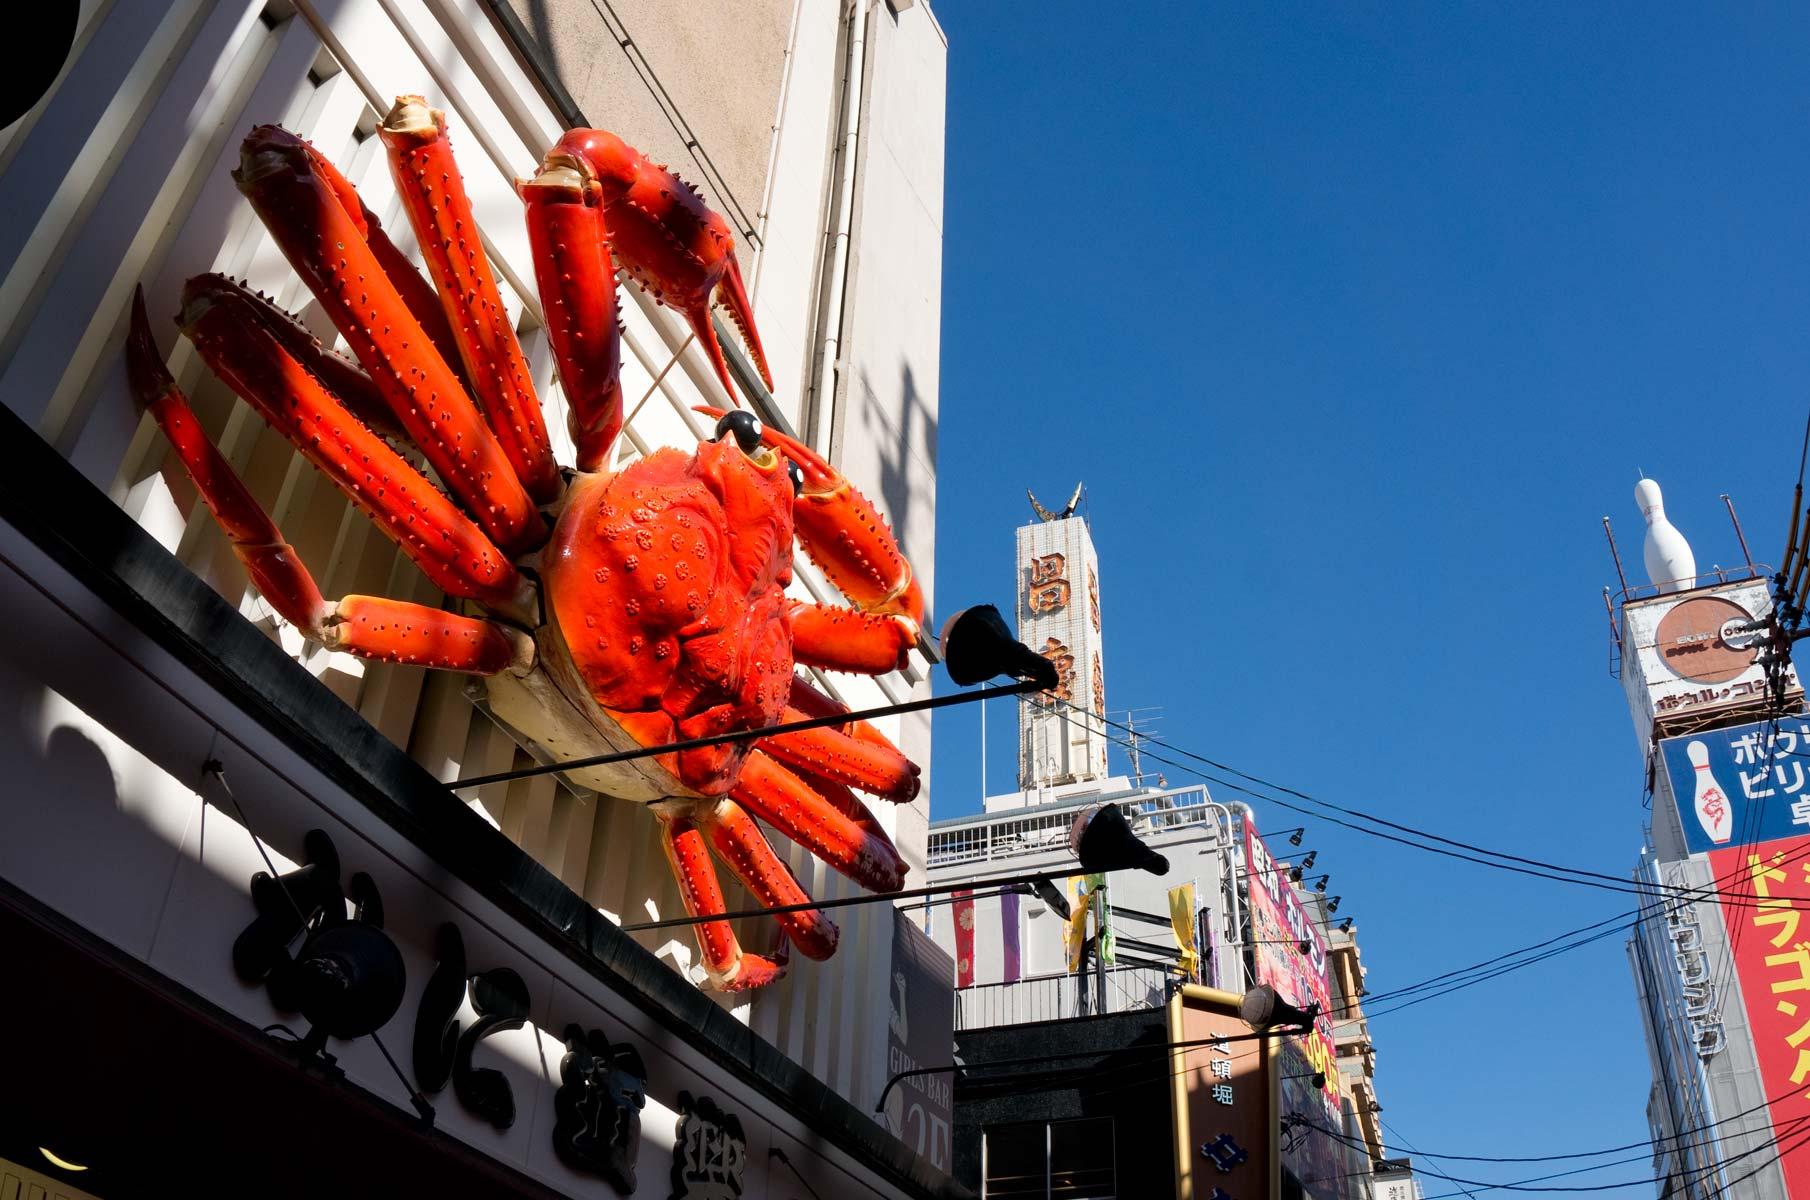 Fisch Restaurant mit Krabbe in Dotonbori Osaka, Japan